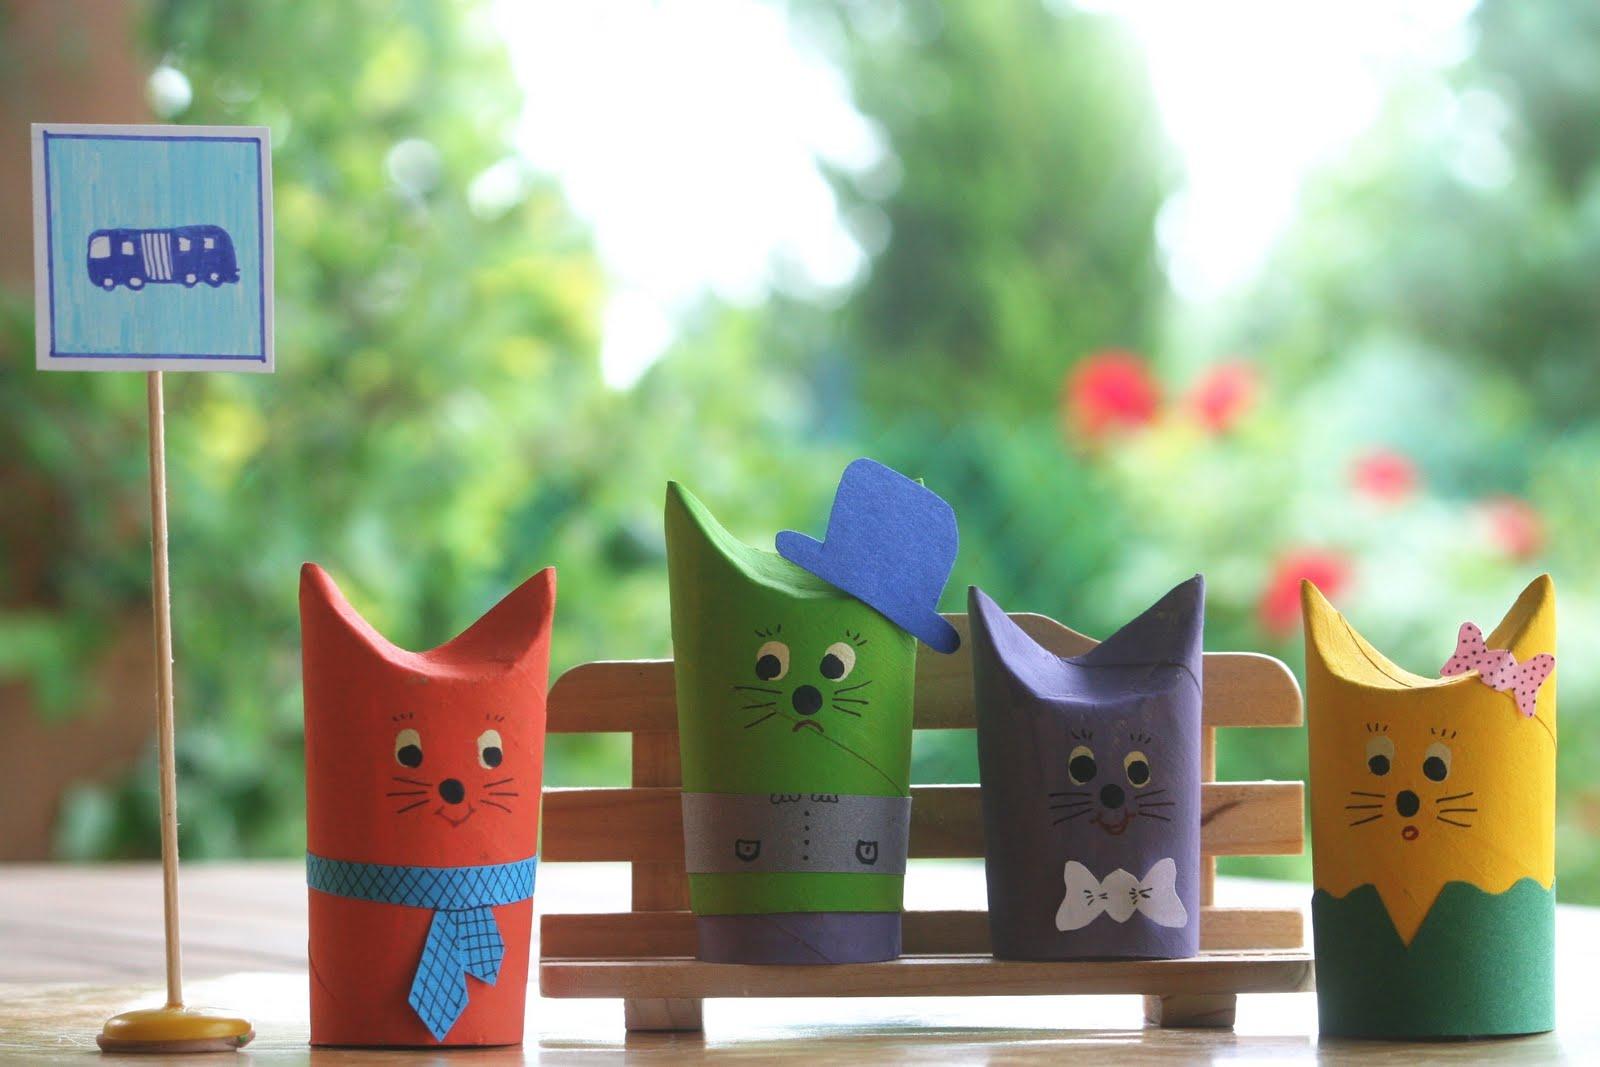 Поделки из рулонов туалетной бумаги: идеи для творчества